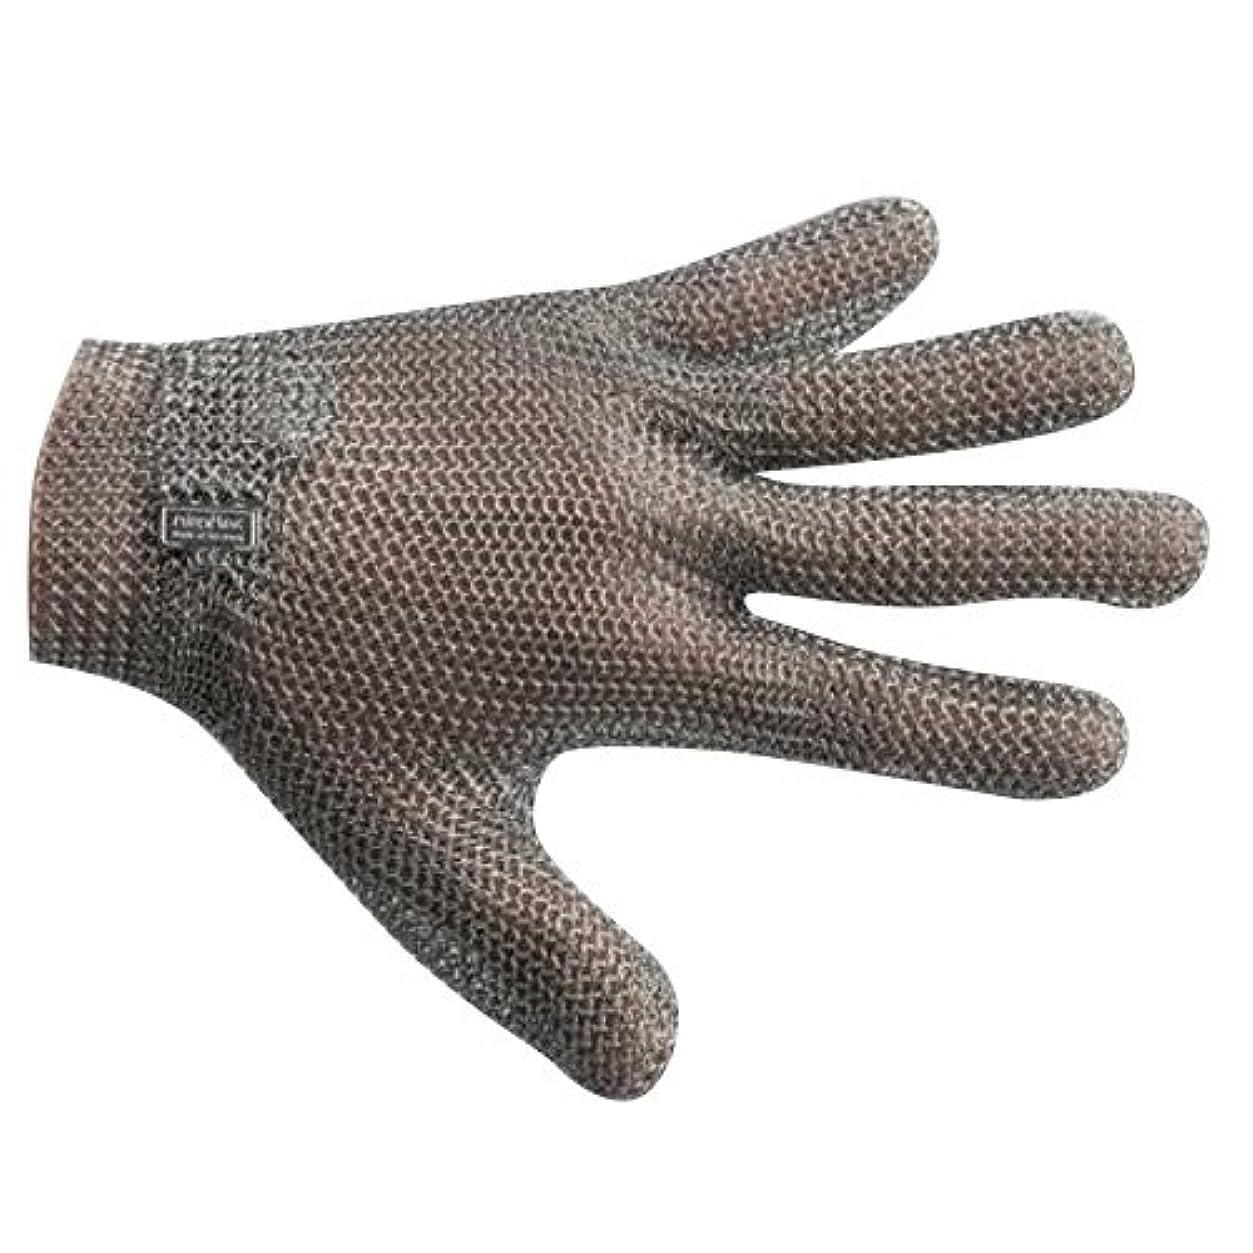 モンキー活気づく協同宇都宮製作 GU-2500 ステンレスメッシュ手袋 5本指(左右兼用) SS